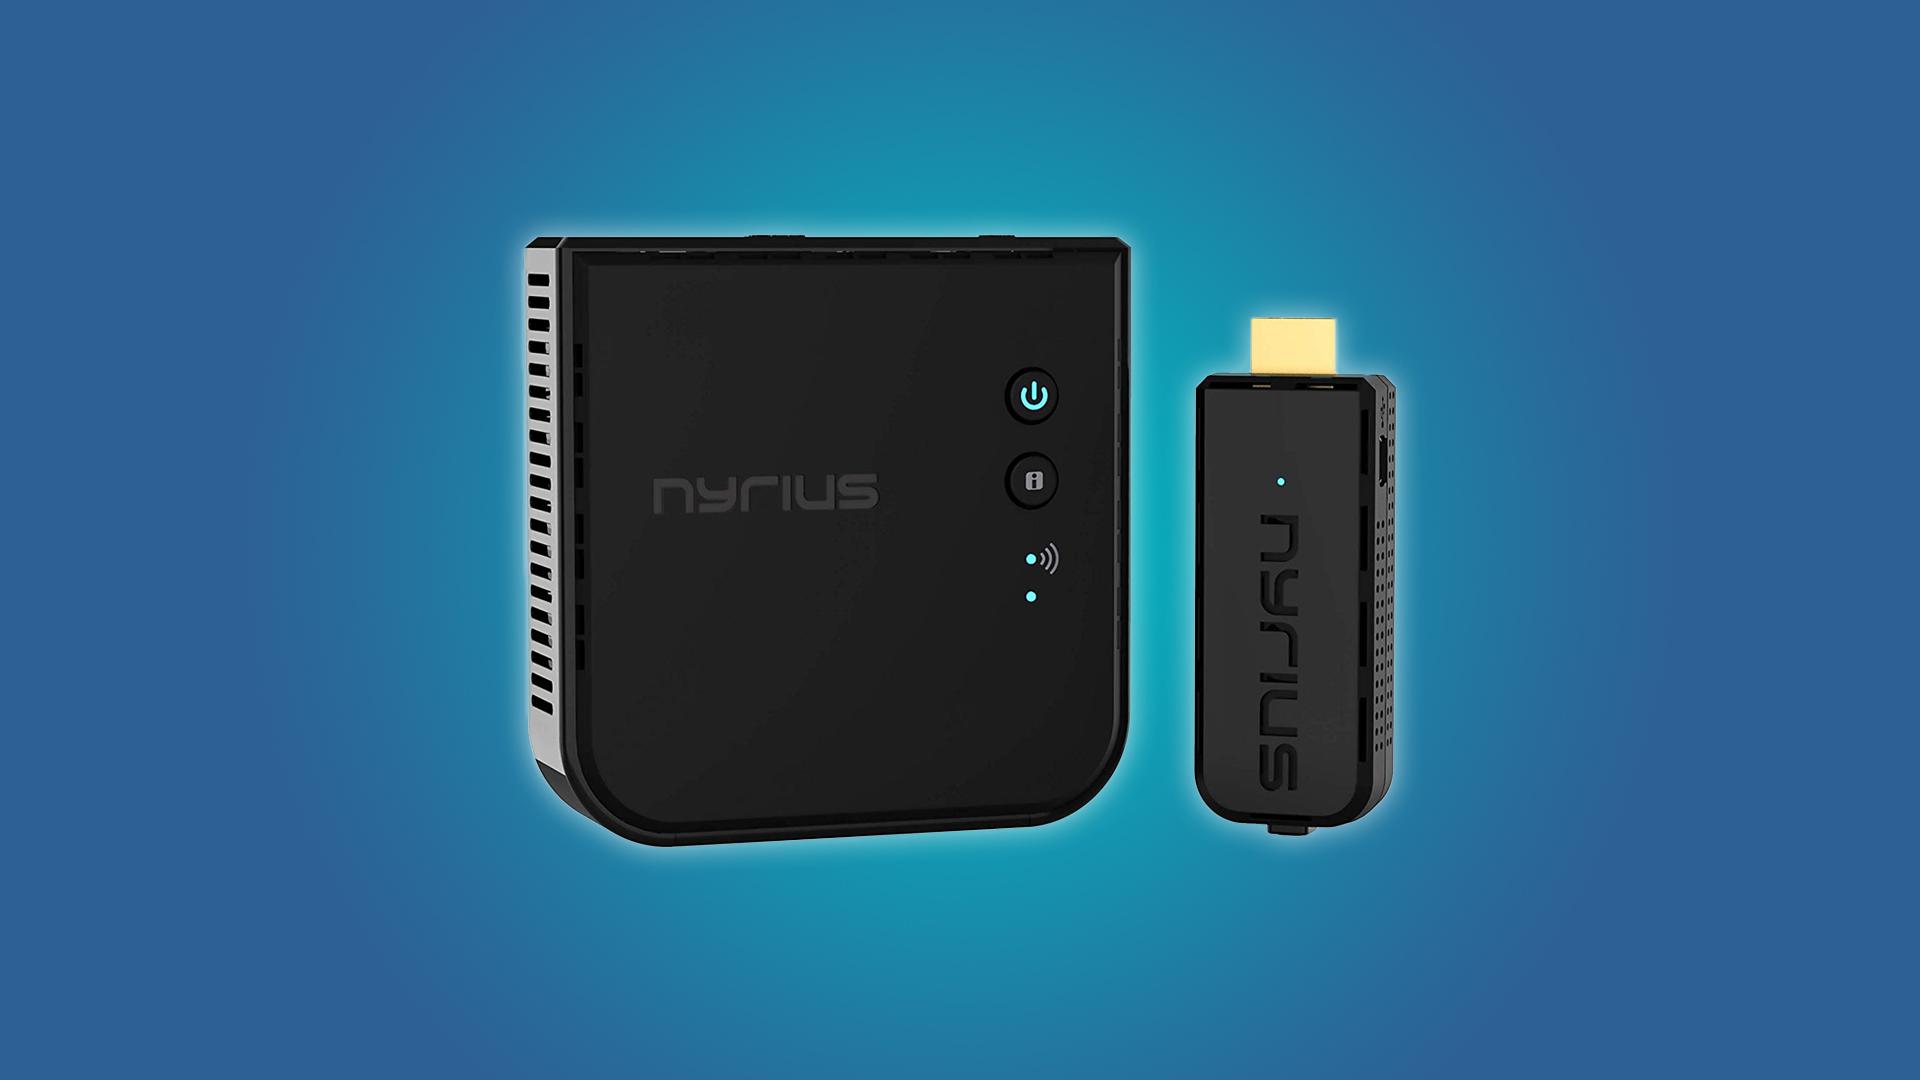 The Nyrius ARIES NPCS549 transmitter and reciever